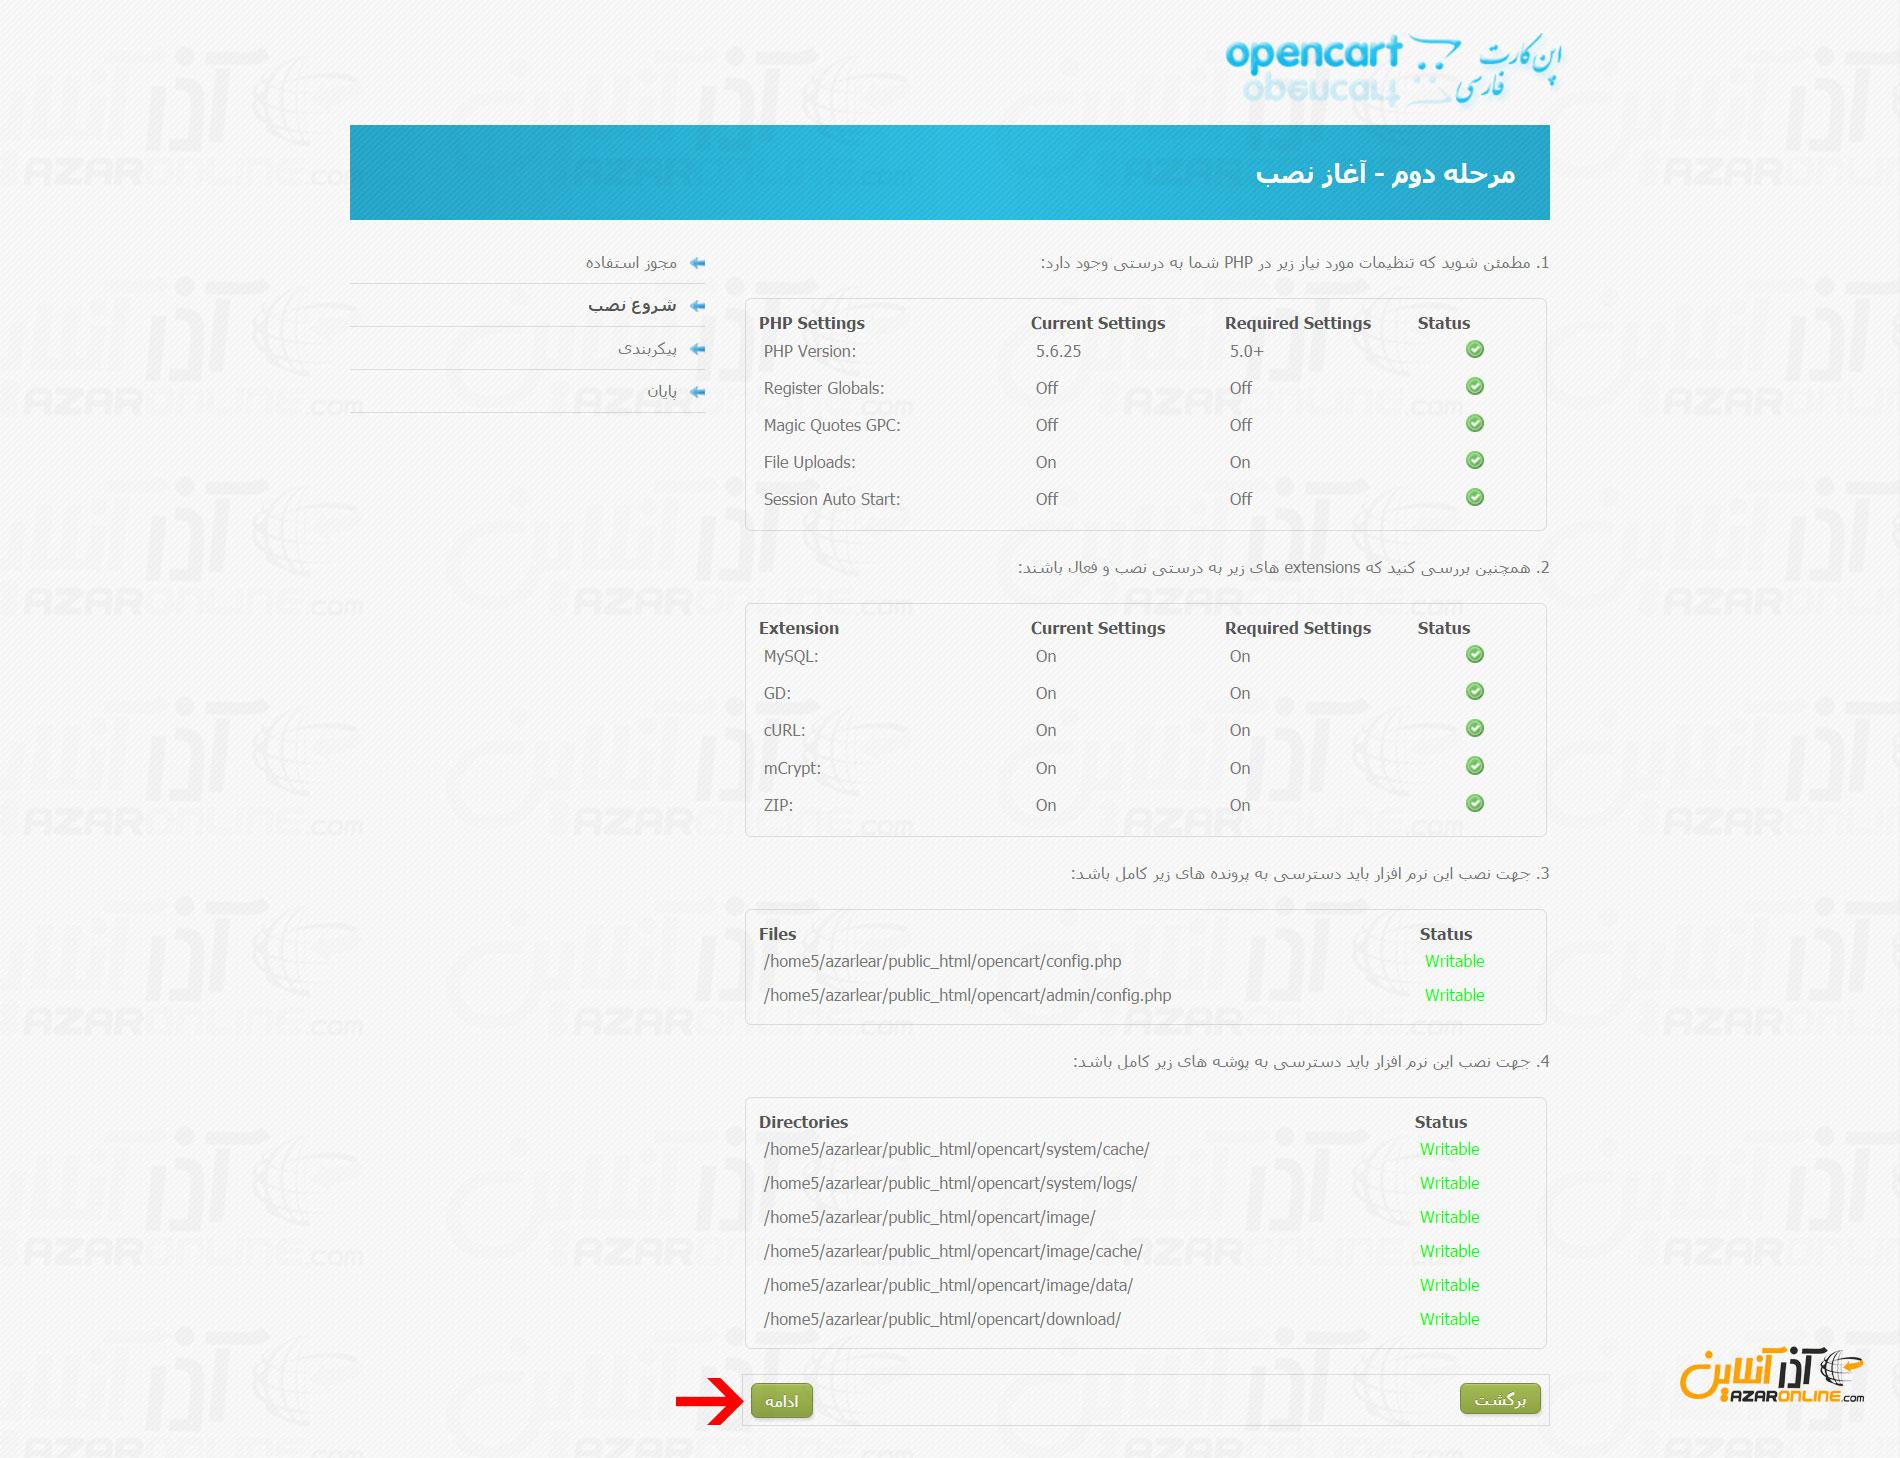 آموزش نصب فروشگاه ساز opencart - چک کردن شرایط نصب